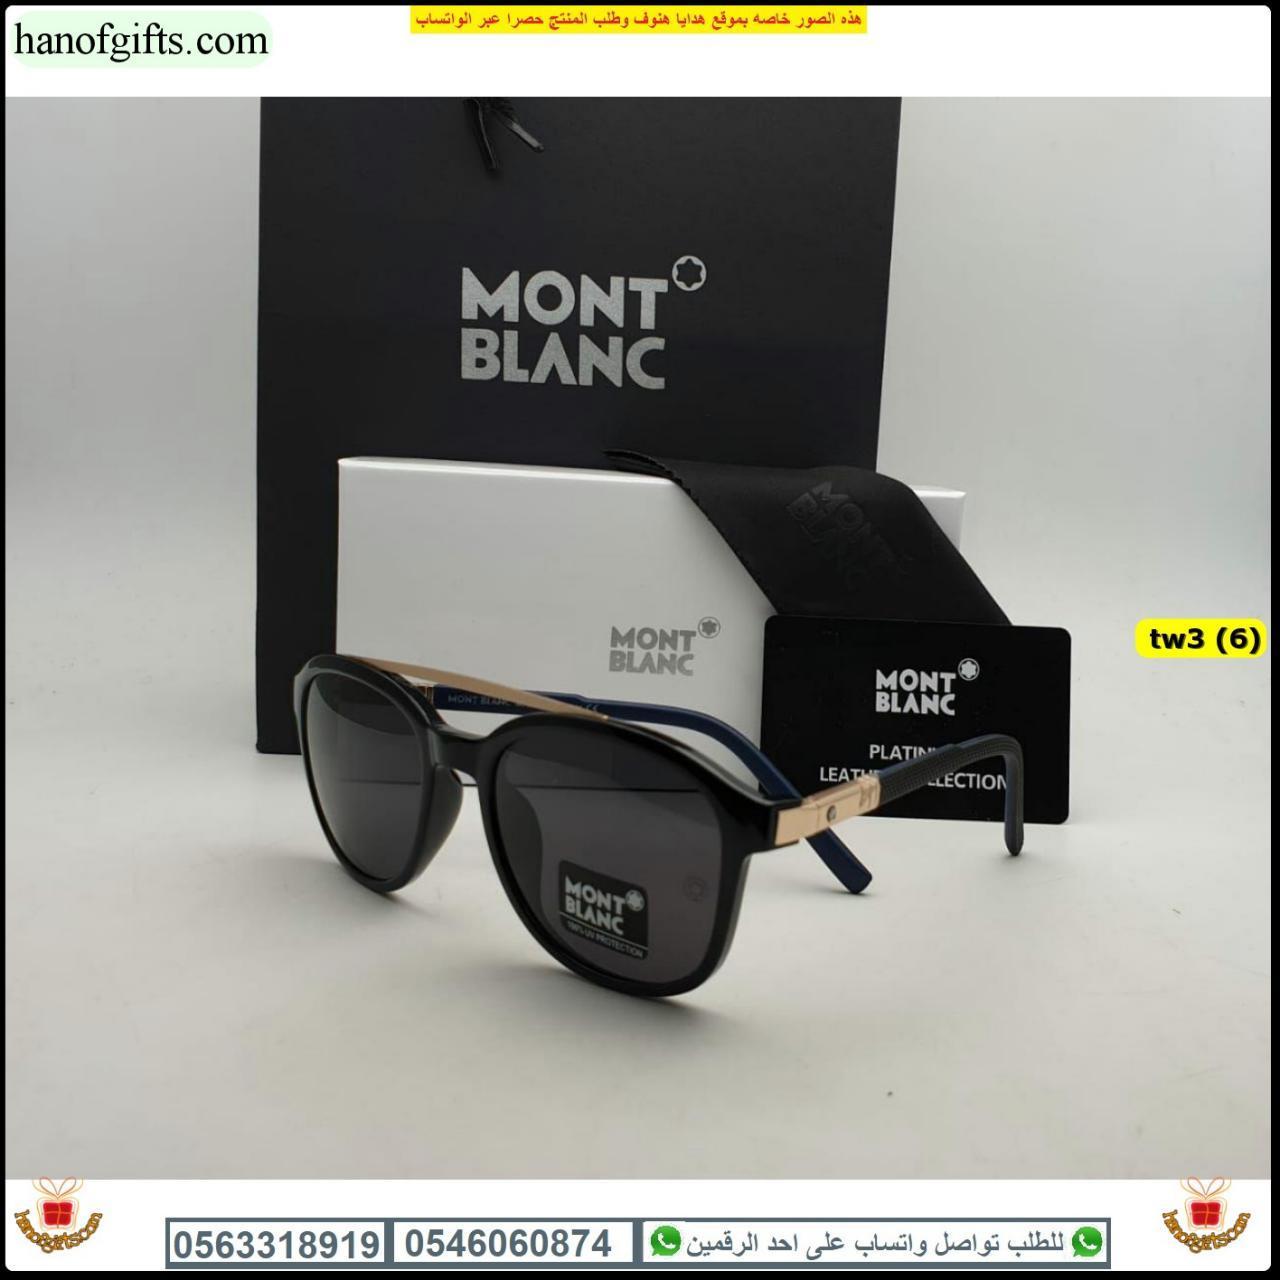 نظارة مونت بلانك درجة اولى